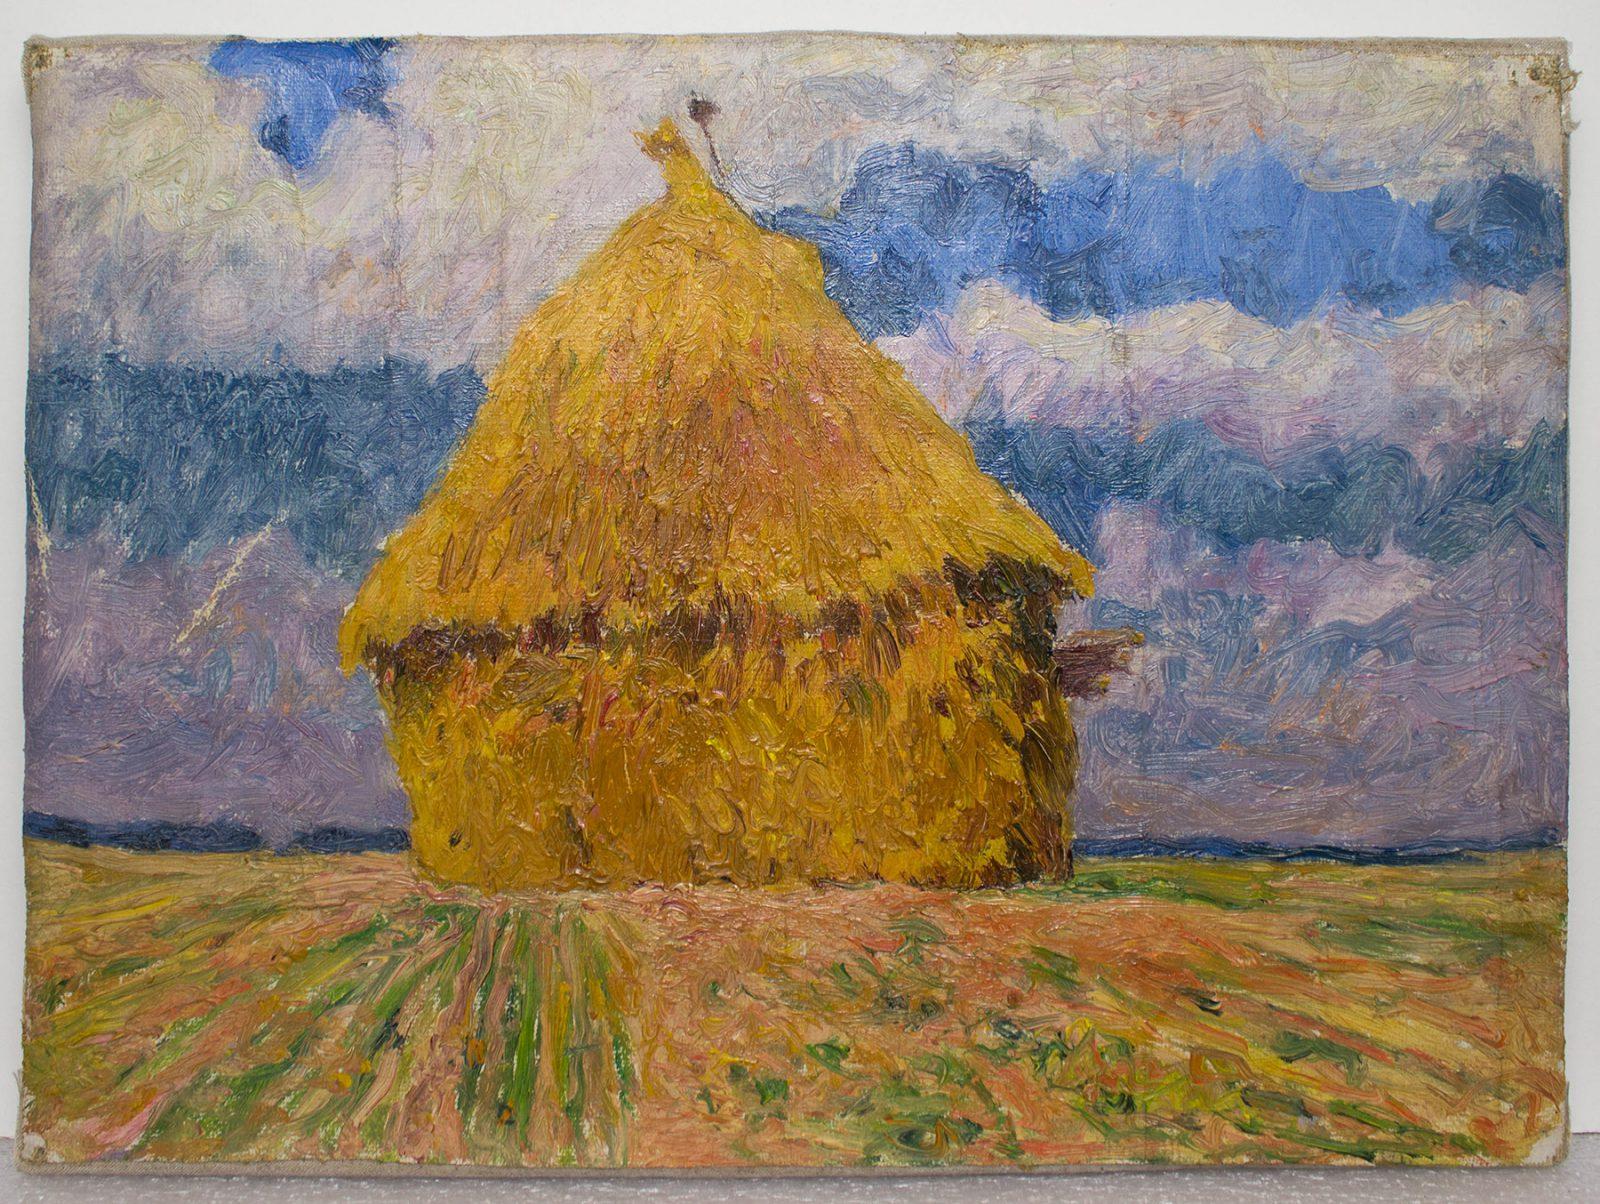 Landschaft und interieur der impressionist max arthur stremel